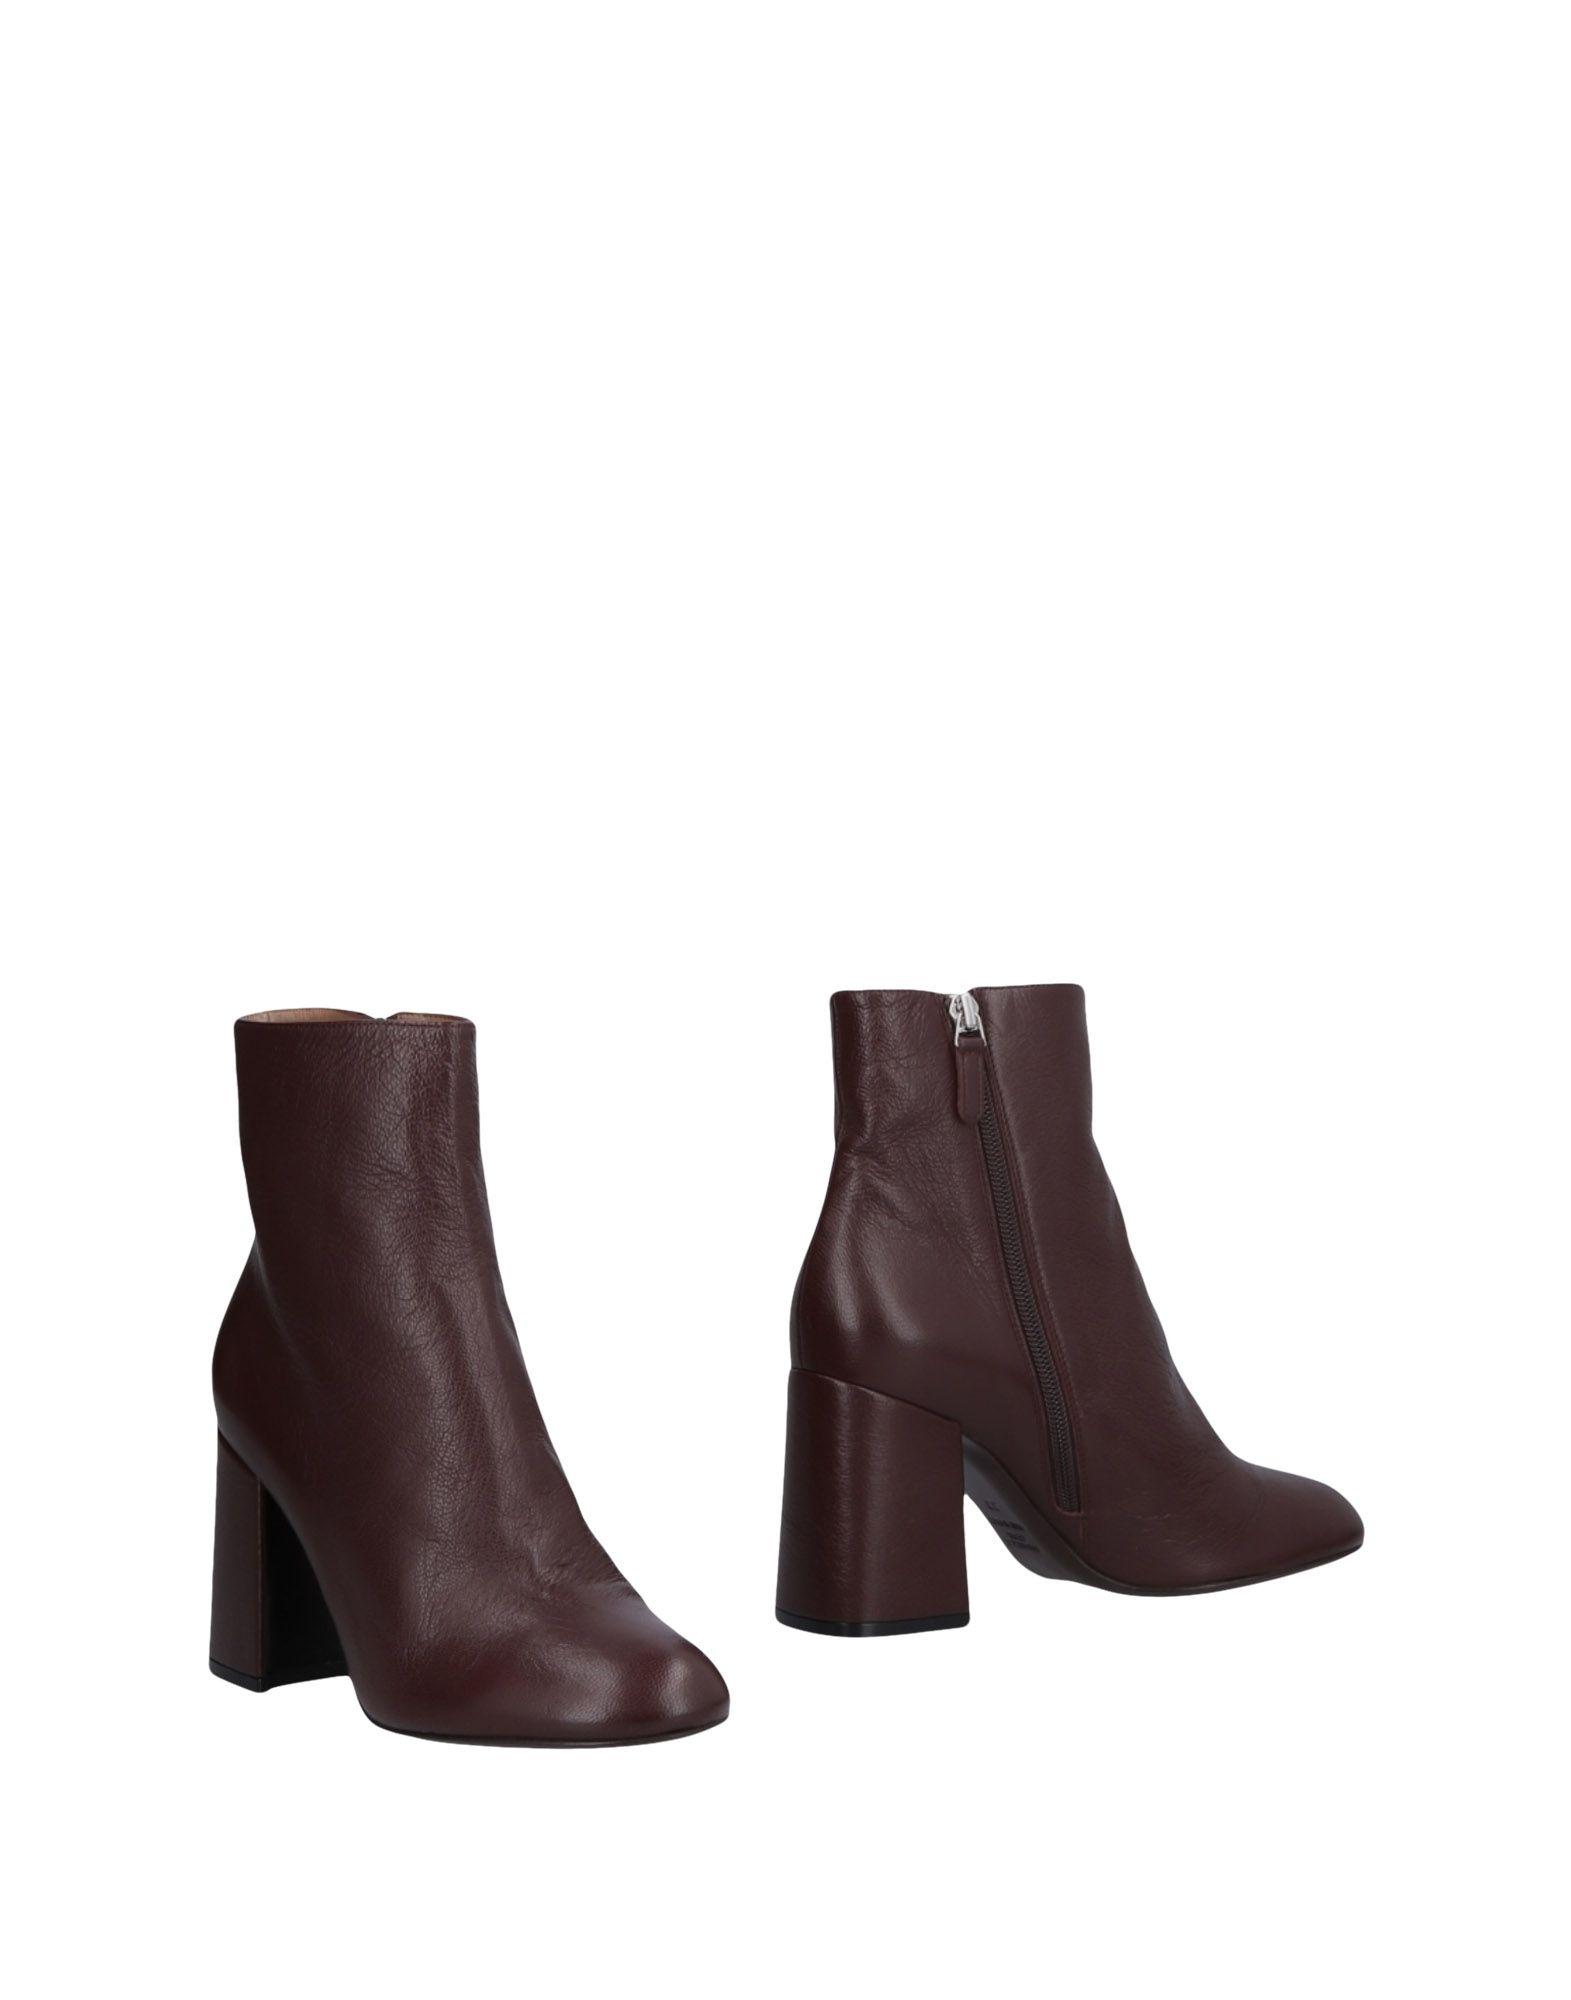 Laurence Dacade Stiefelette Damen  11475740AIGünstige gut aussehende Schuhe